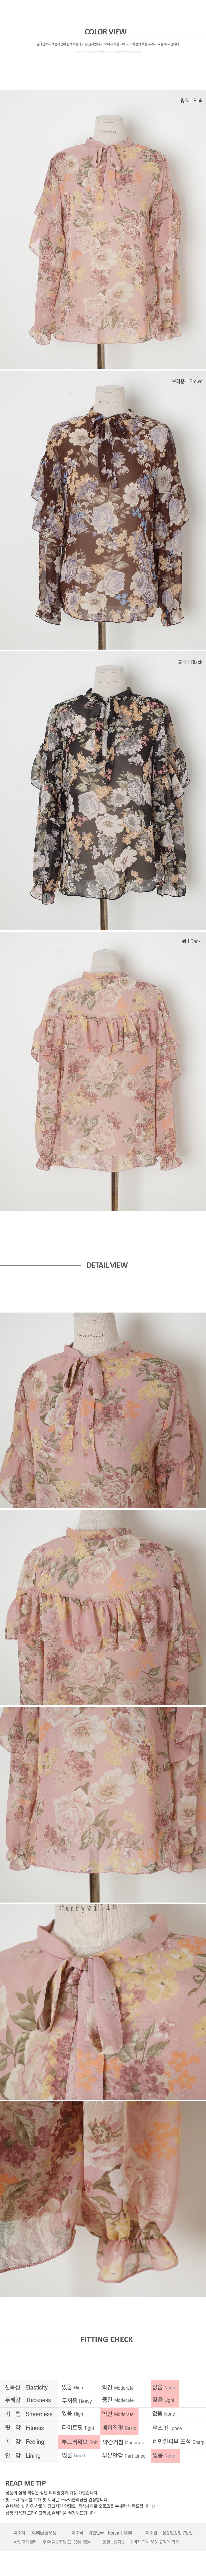 Watercolor blouse